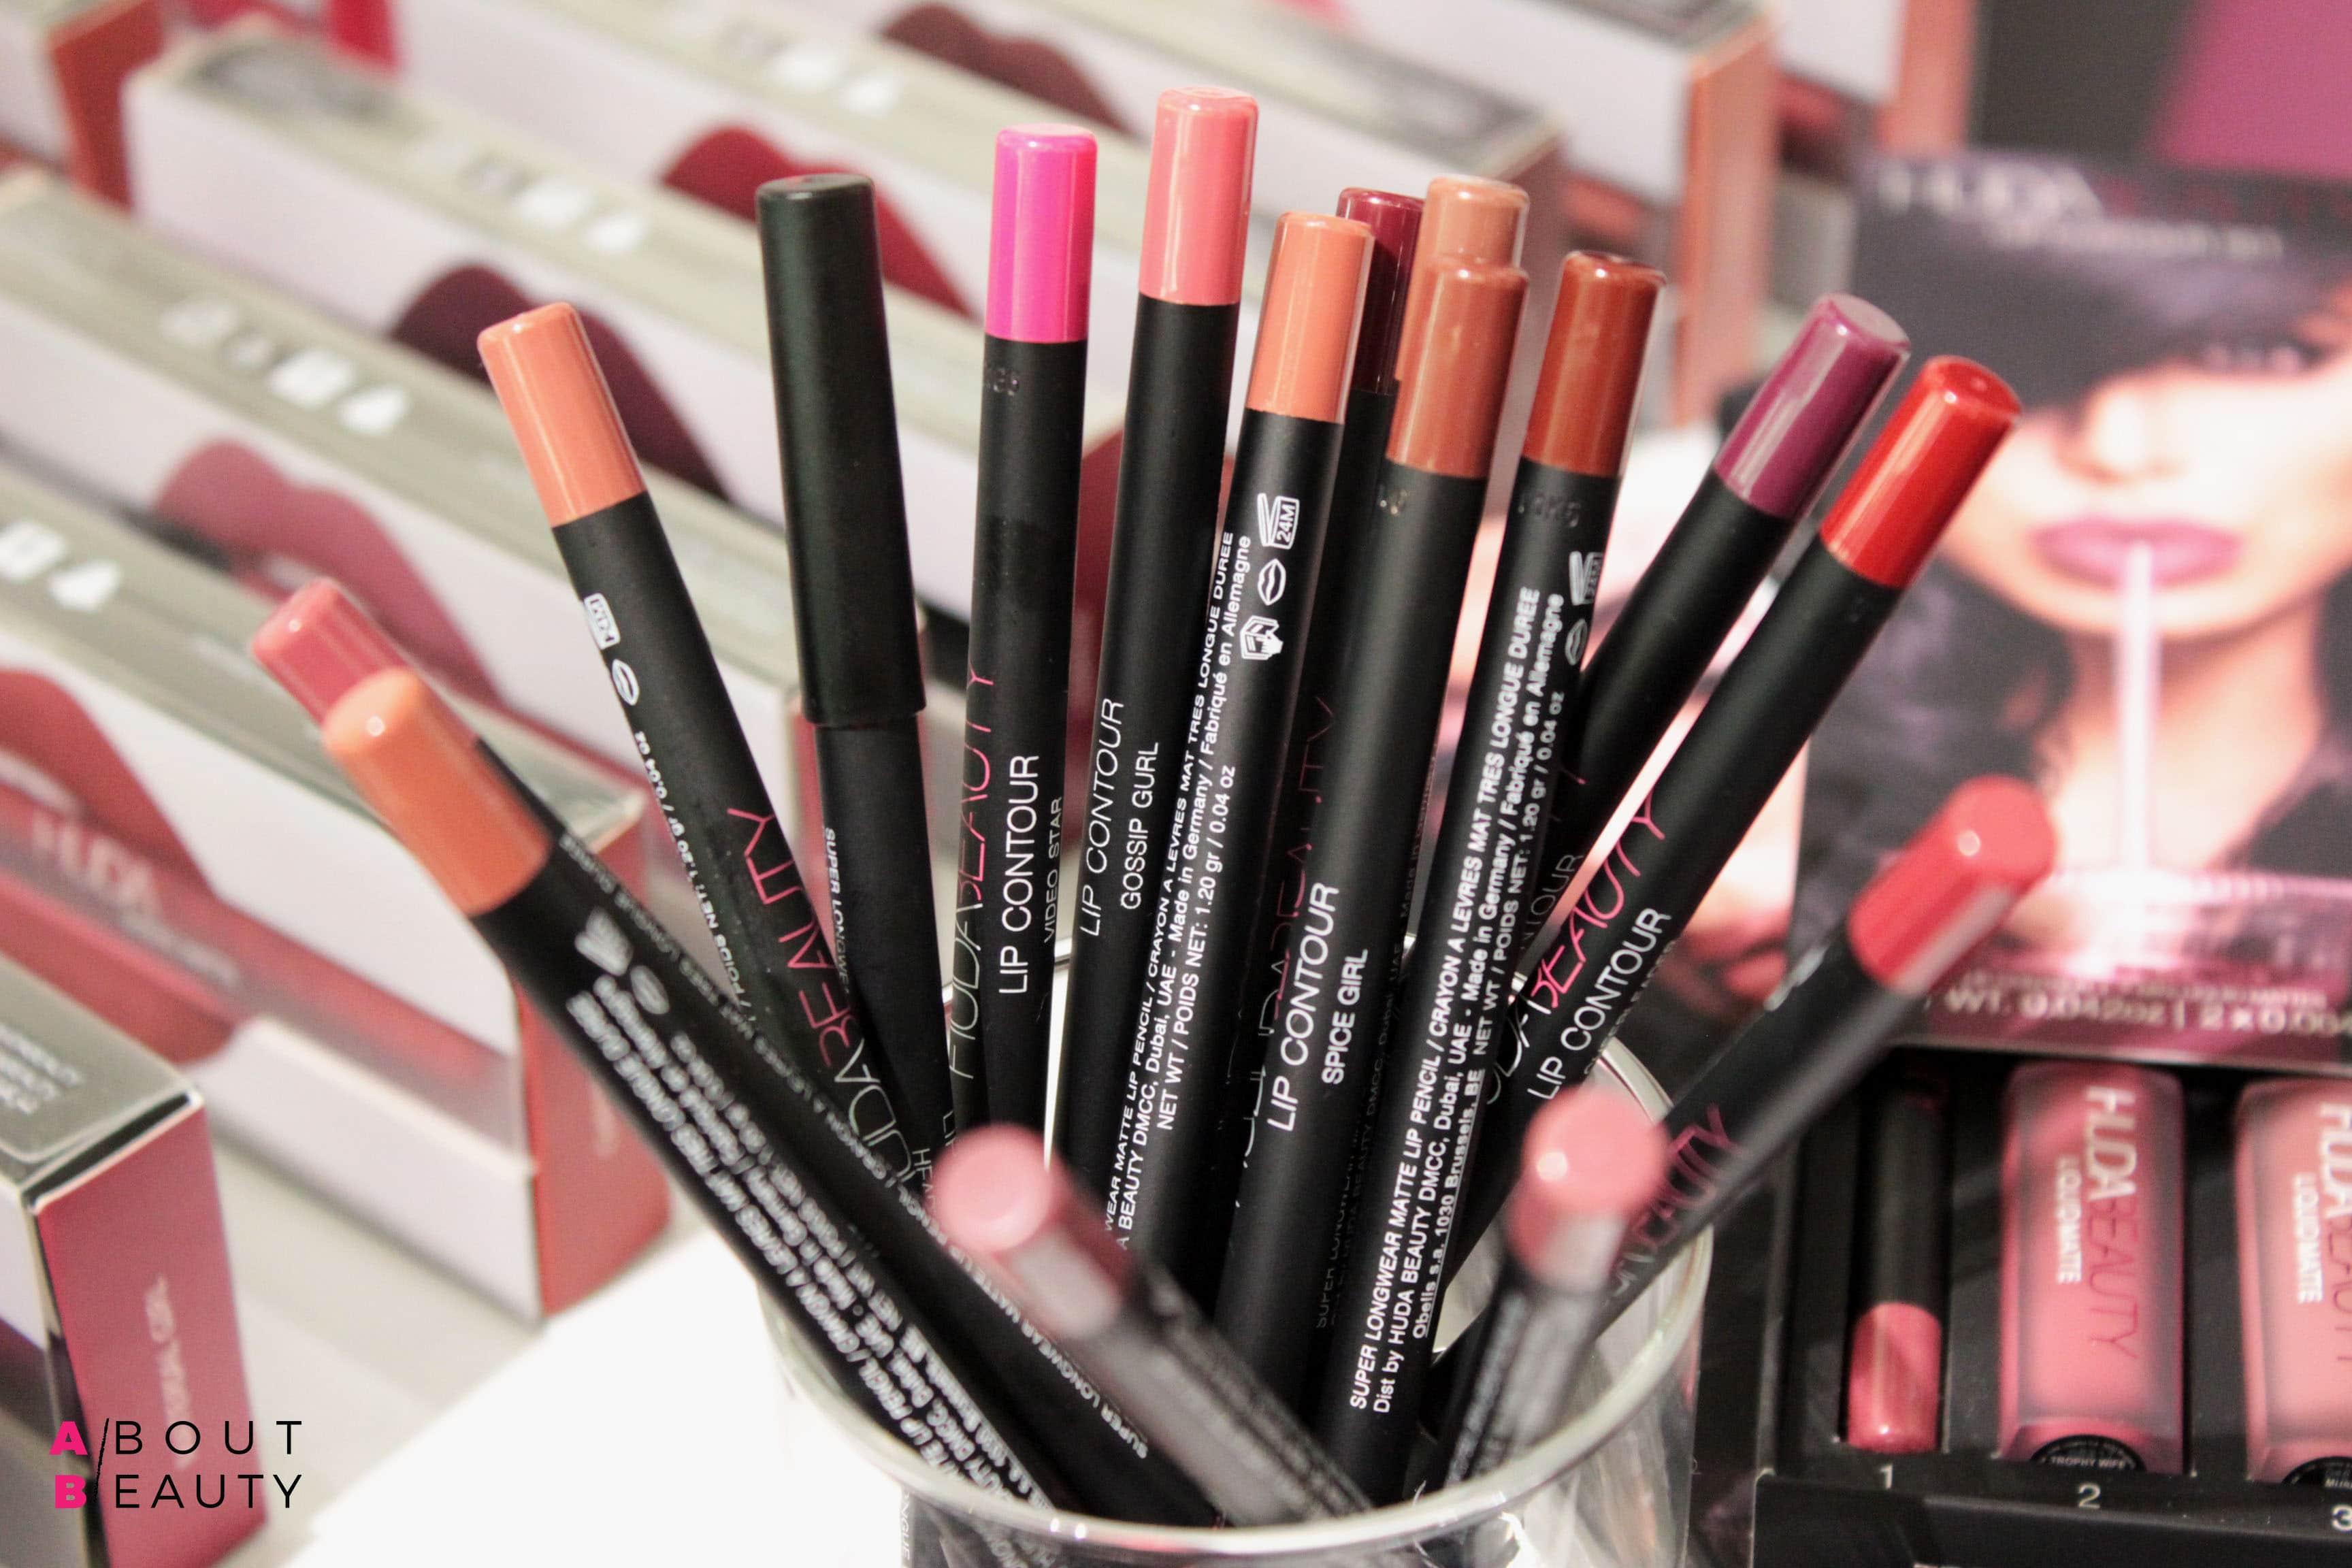 Huda Beauty arriva in Italia: tutti i prodotti presto disponibili da Sephora - Matite labbra lip contour